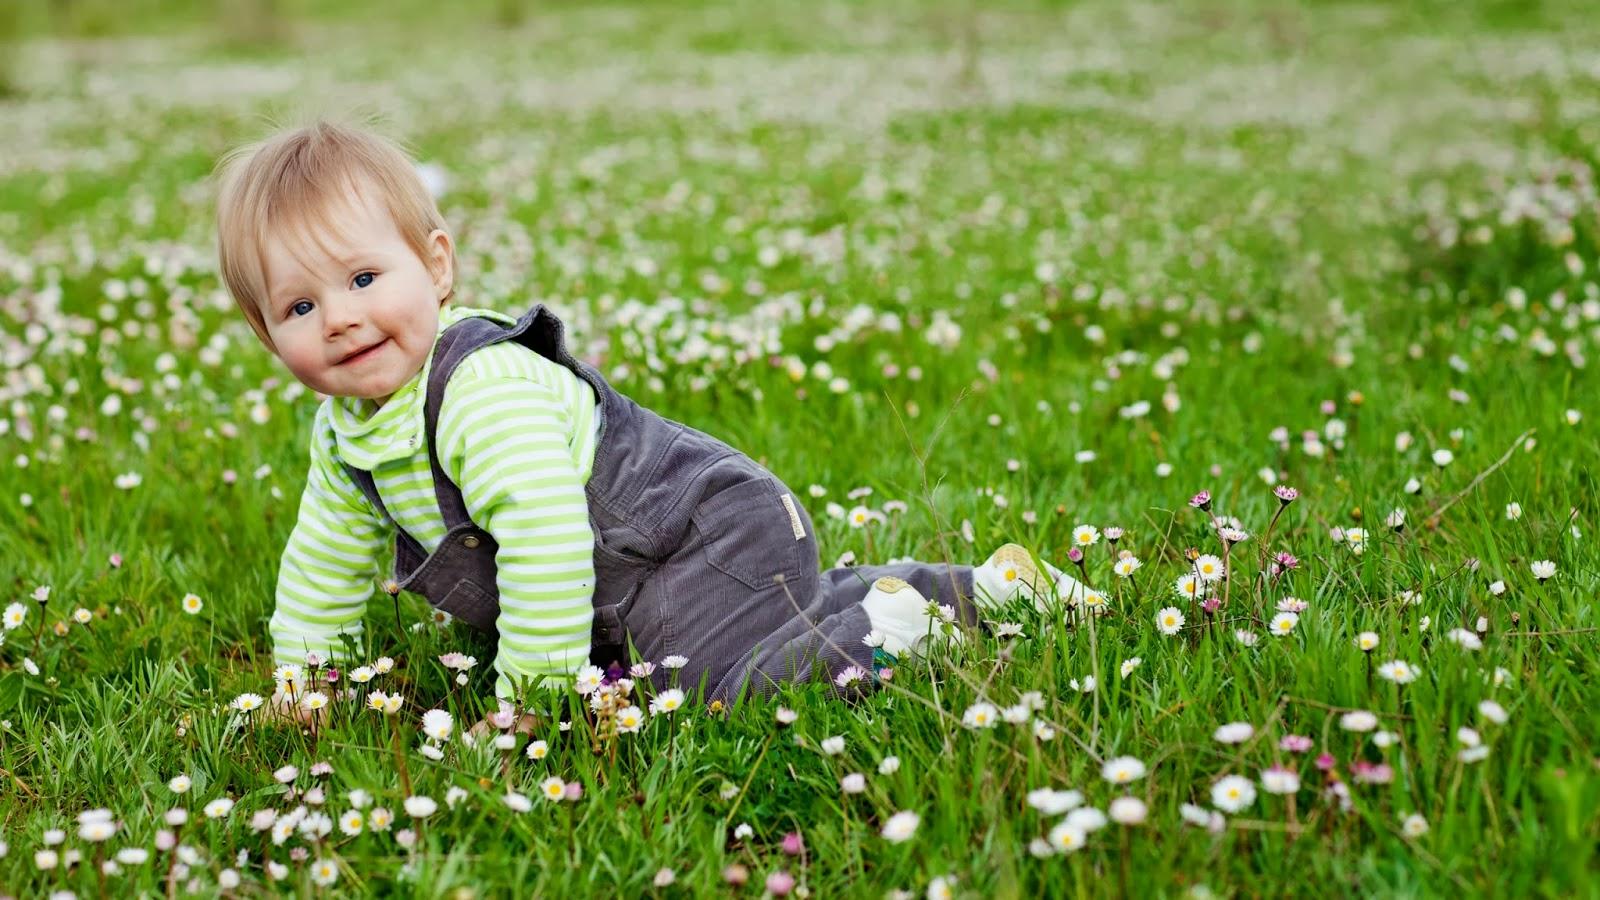 بالصور اجمل اطفال صغار , صور جميلة للاطفال 5681 12